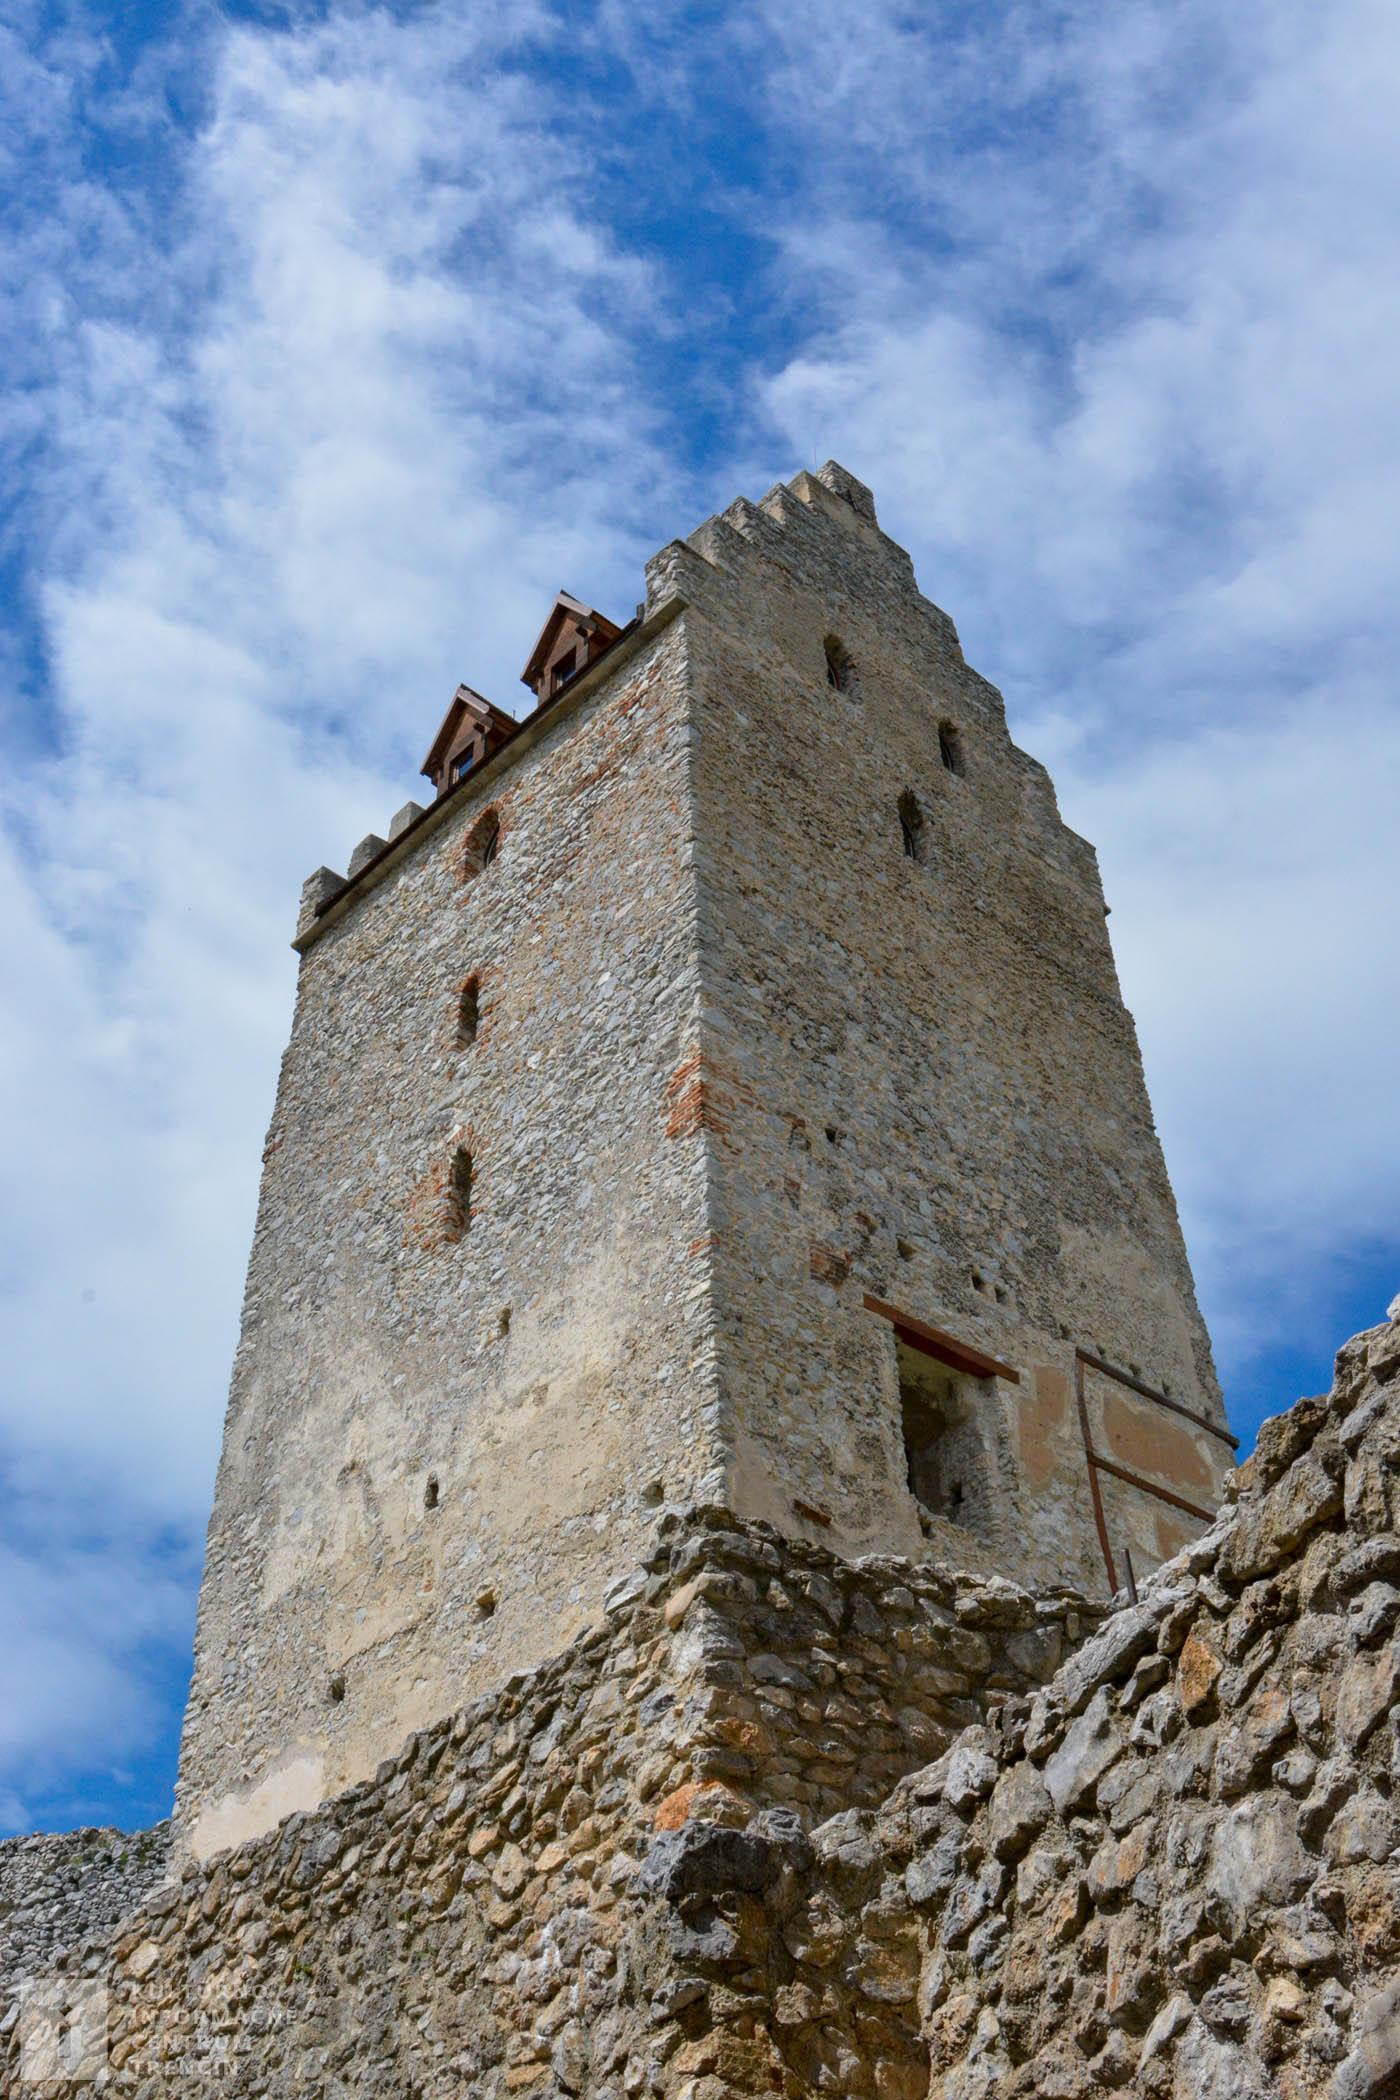 V hranolovej veži Topoľčianskeho hradu je možnosť vidieť expozíciu k dejinám hradu.